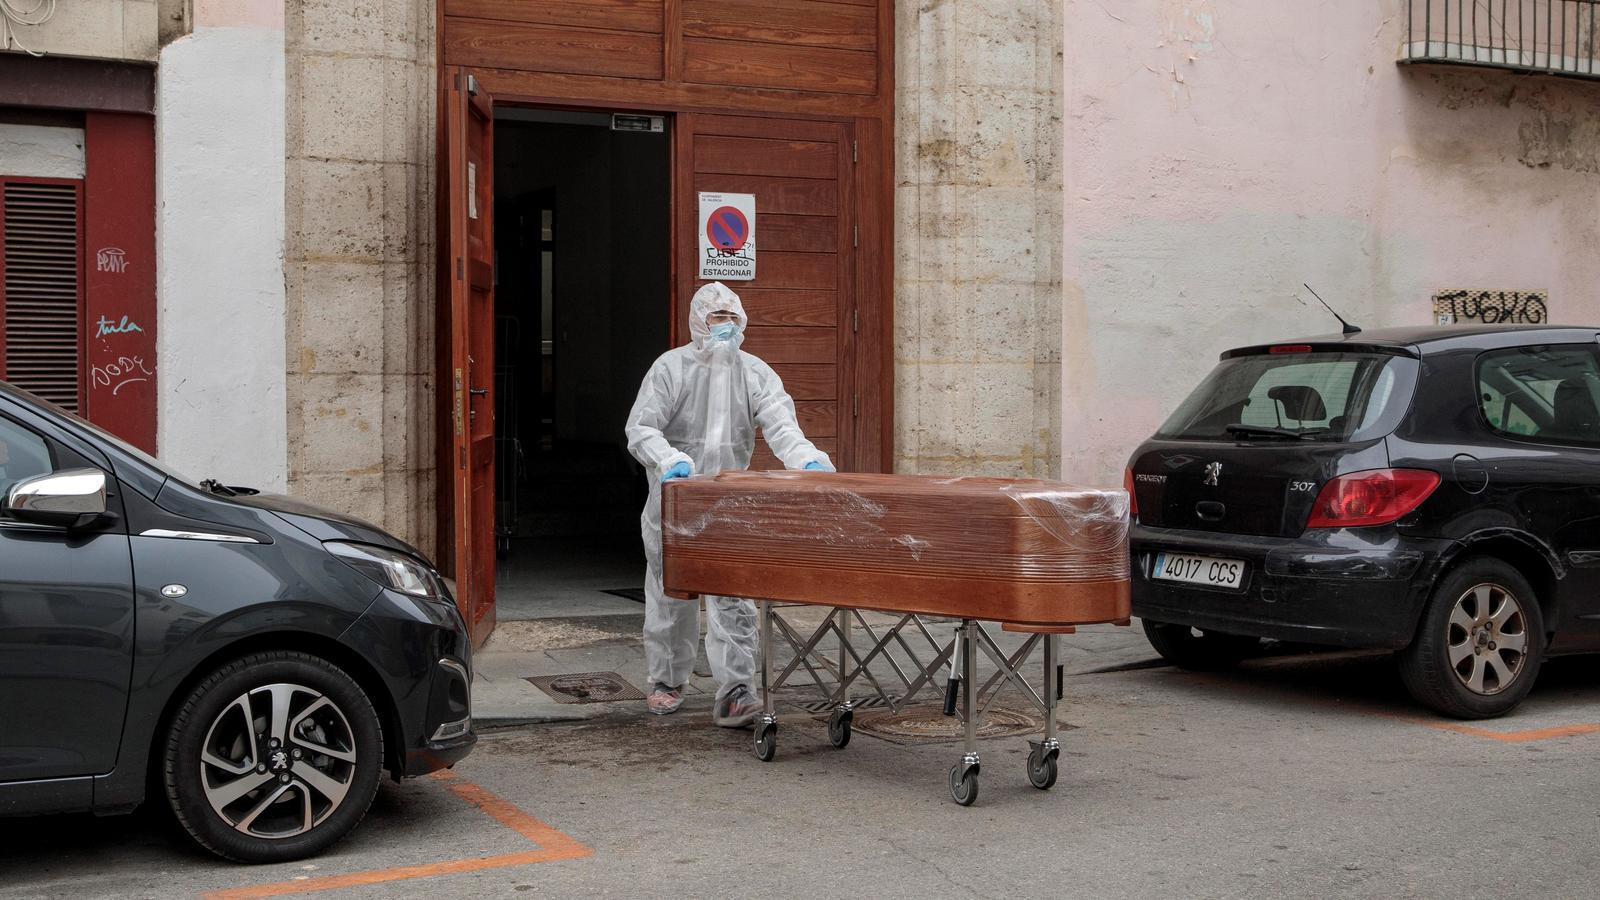 Un treballador sanitari transporta un taüt a les portes del geriàtric Palau de Raga de València